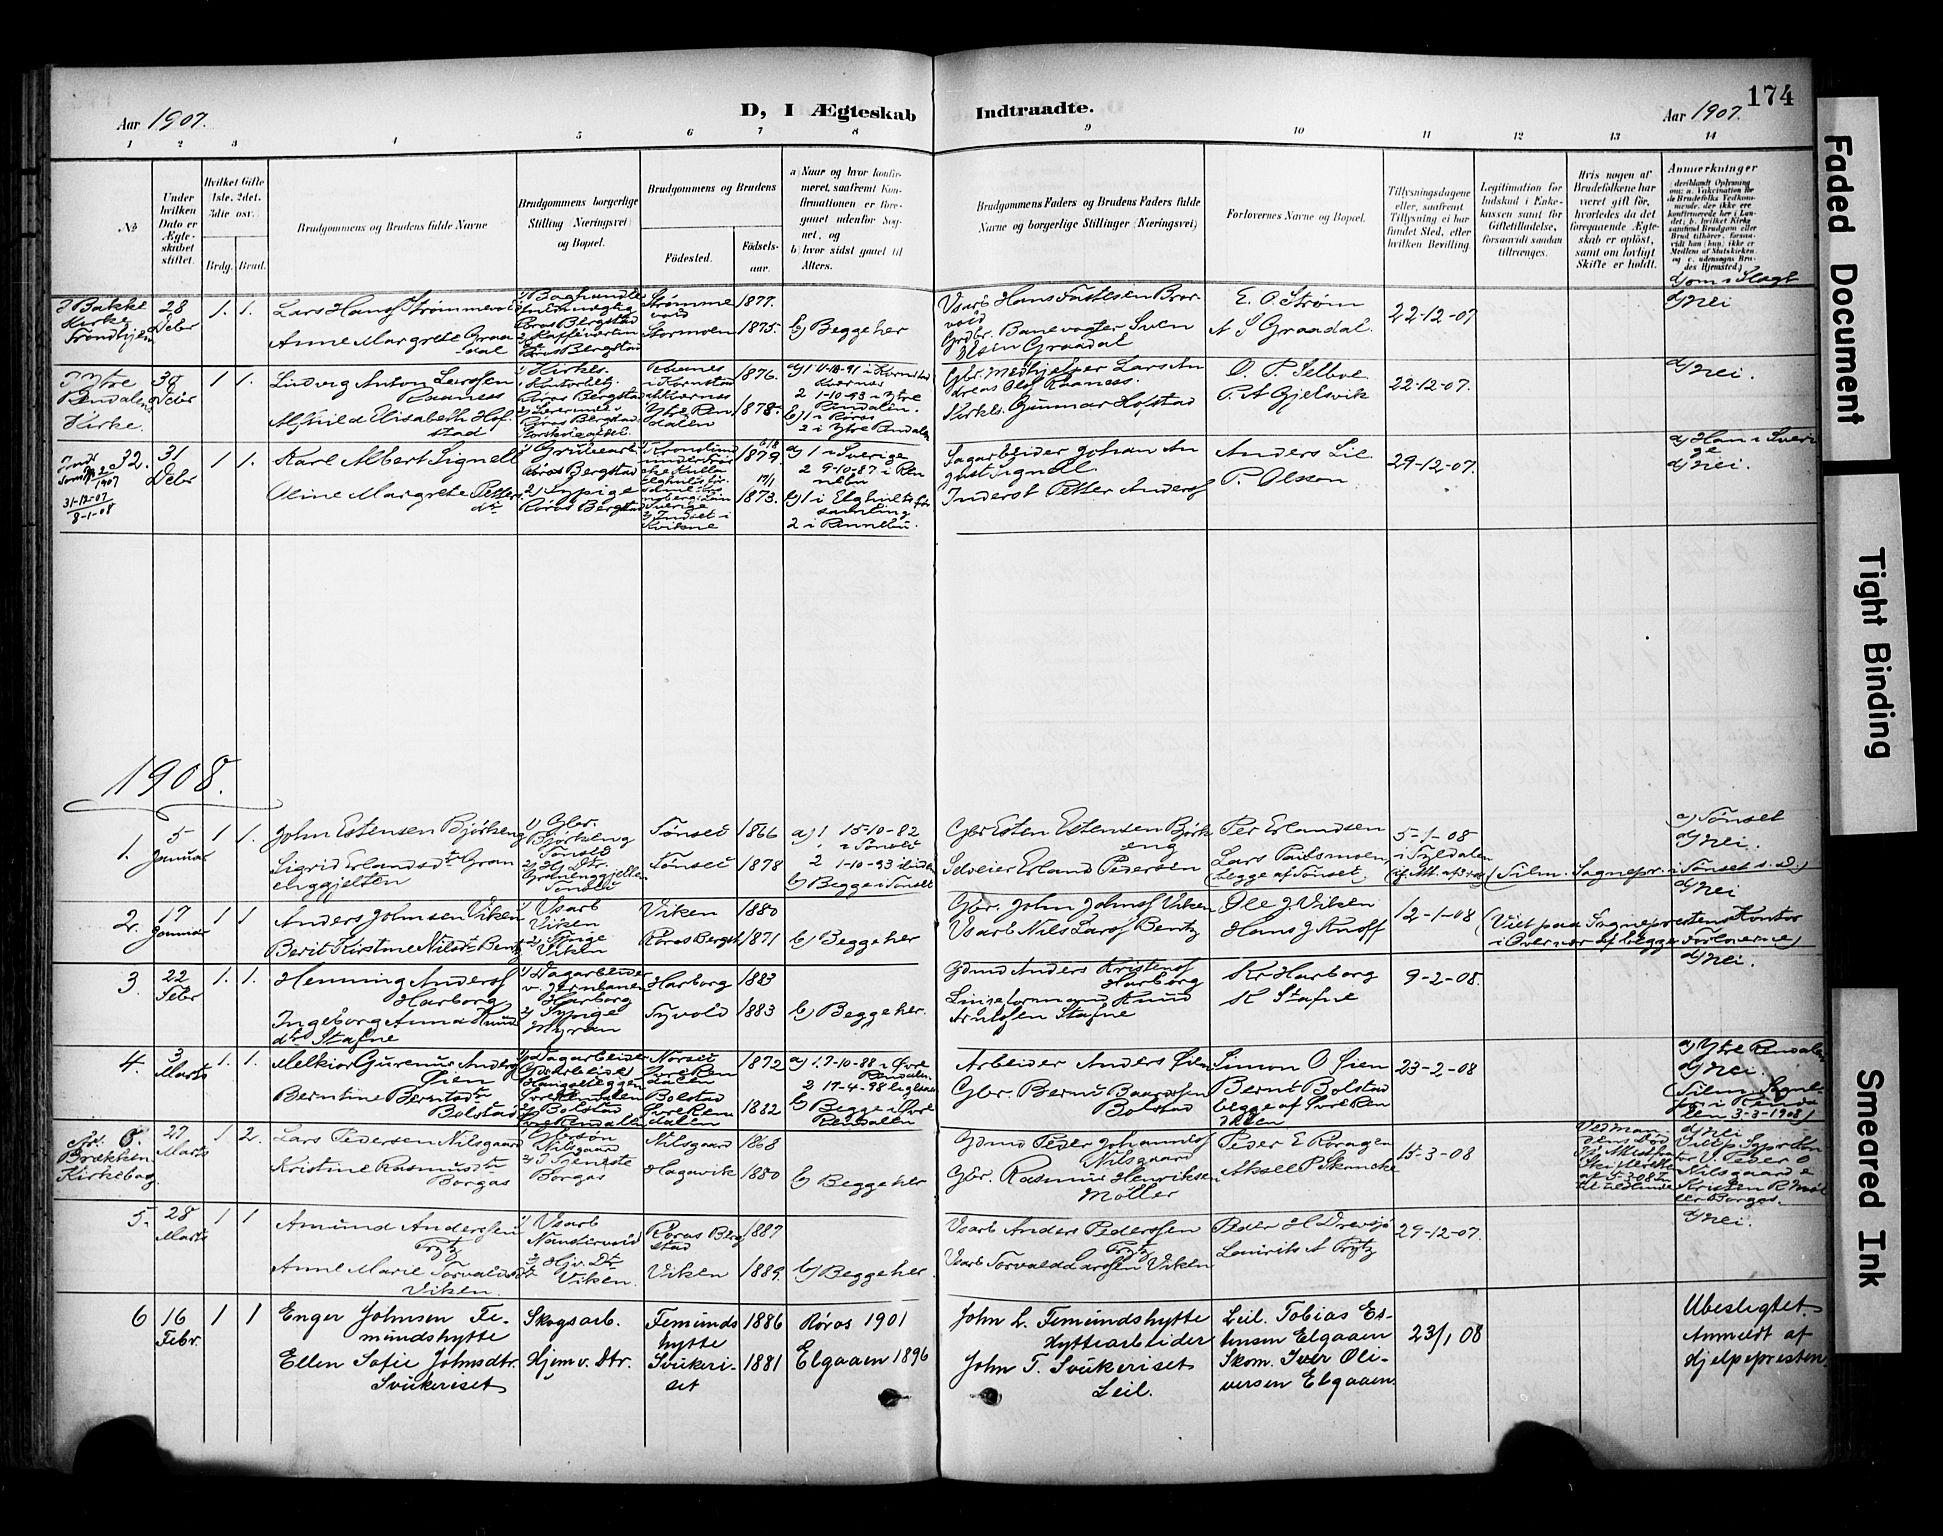 SAT, Ministerialprotokoller, klokkerbøker og fødselsregistre - Sør-Trøndelag, 681/L0936: Ministerialbok nr. 681A14, 1899-1908, s. 174